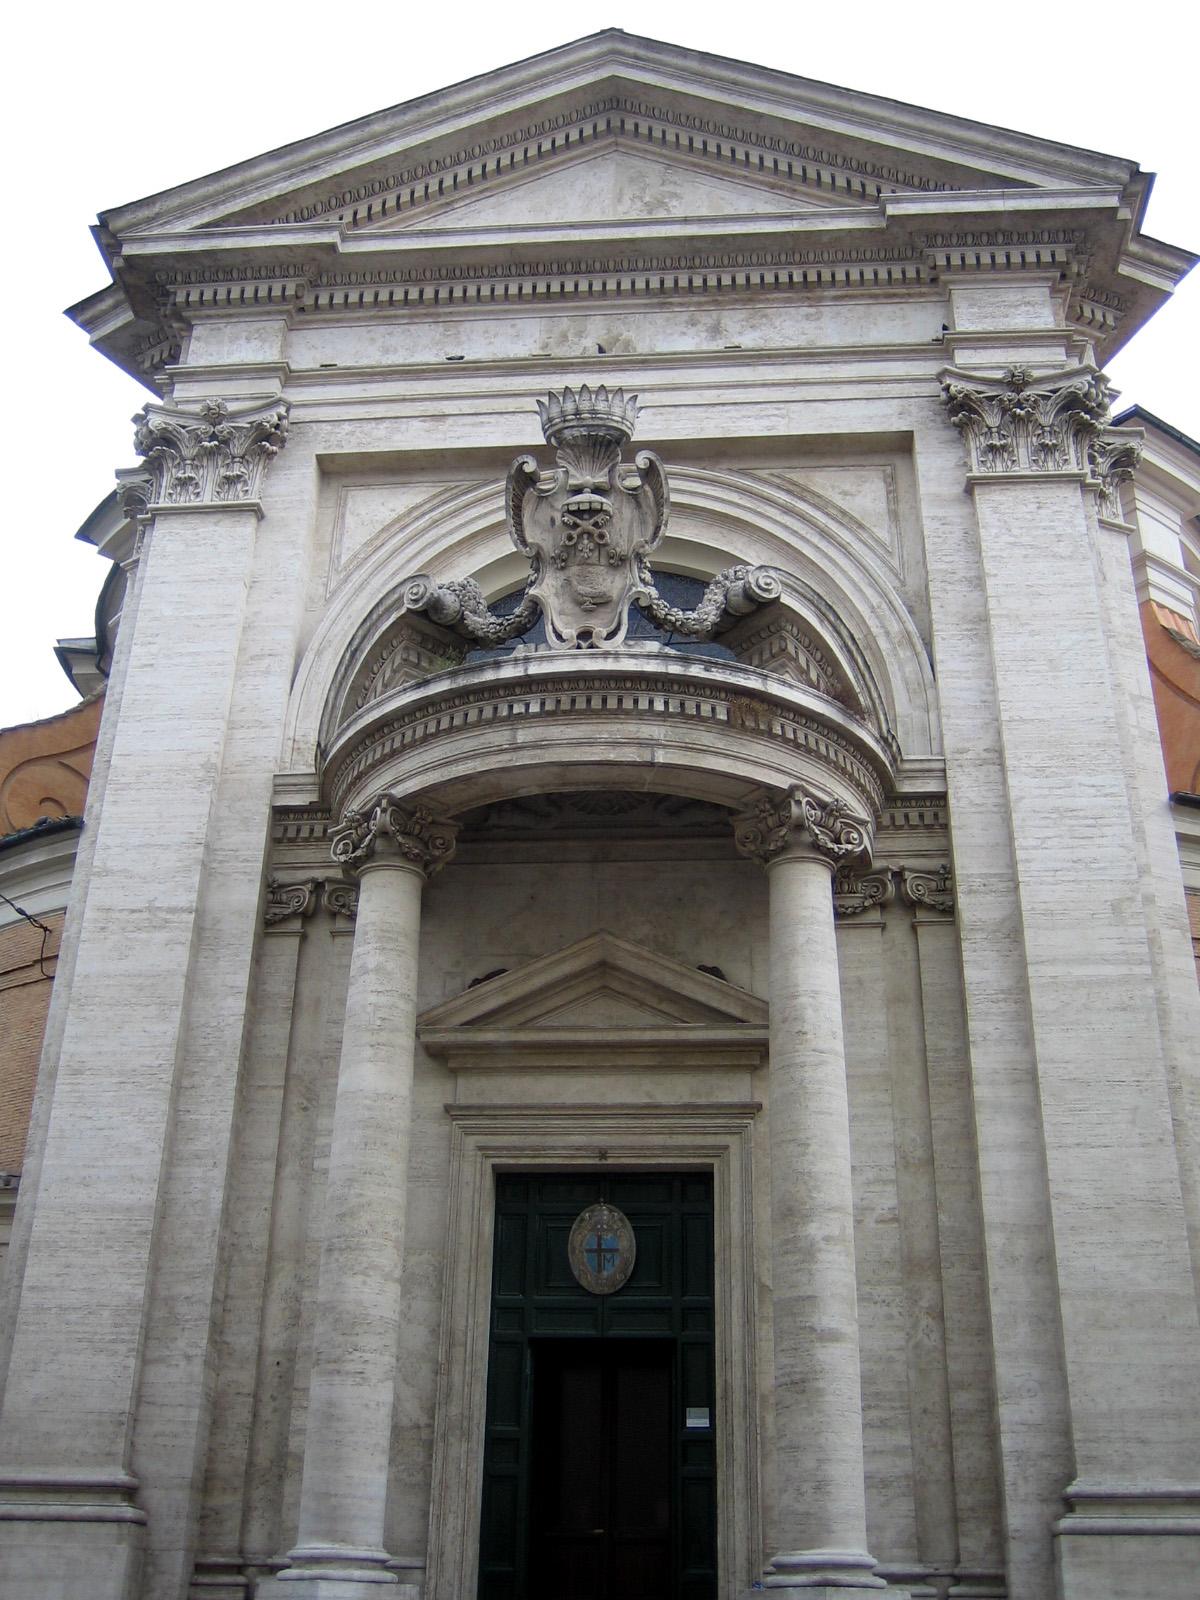 File:Sant'Andrea al Quirinale - facade.jpg - Wikimedia Commons